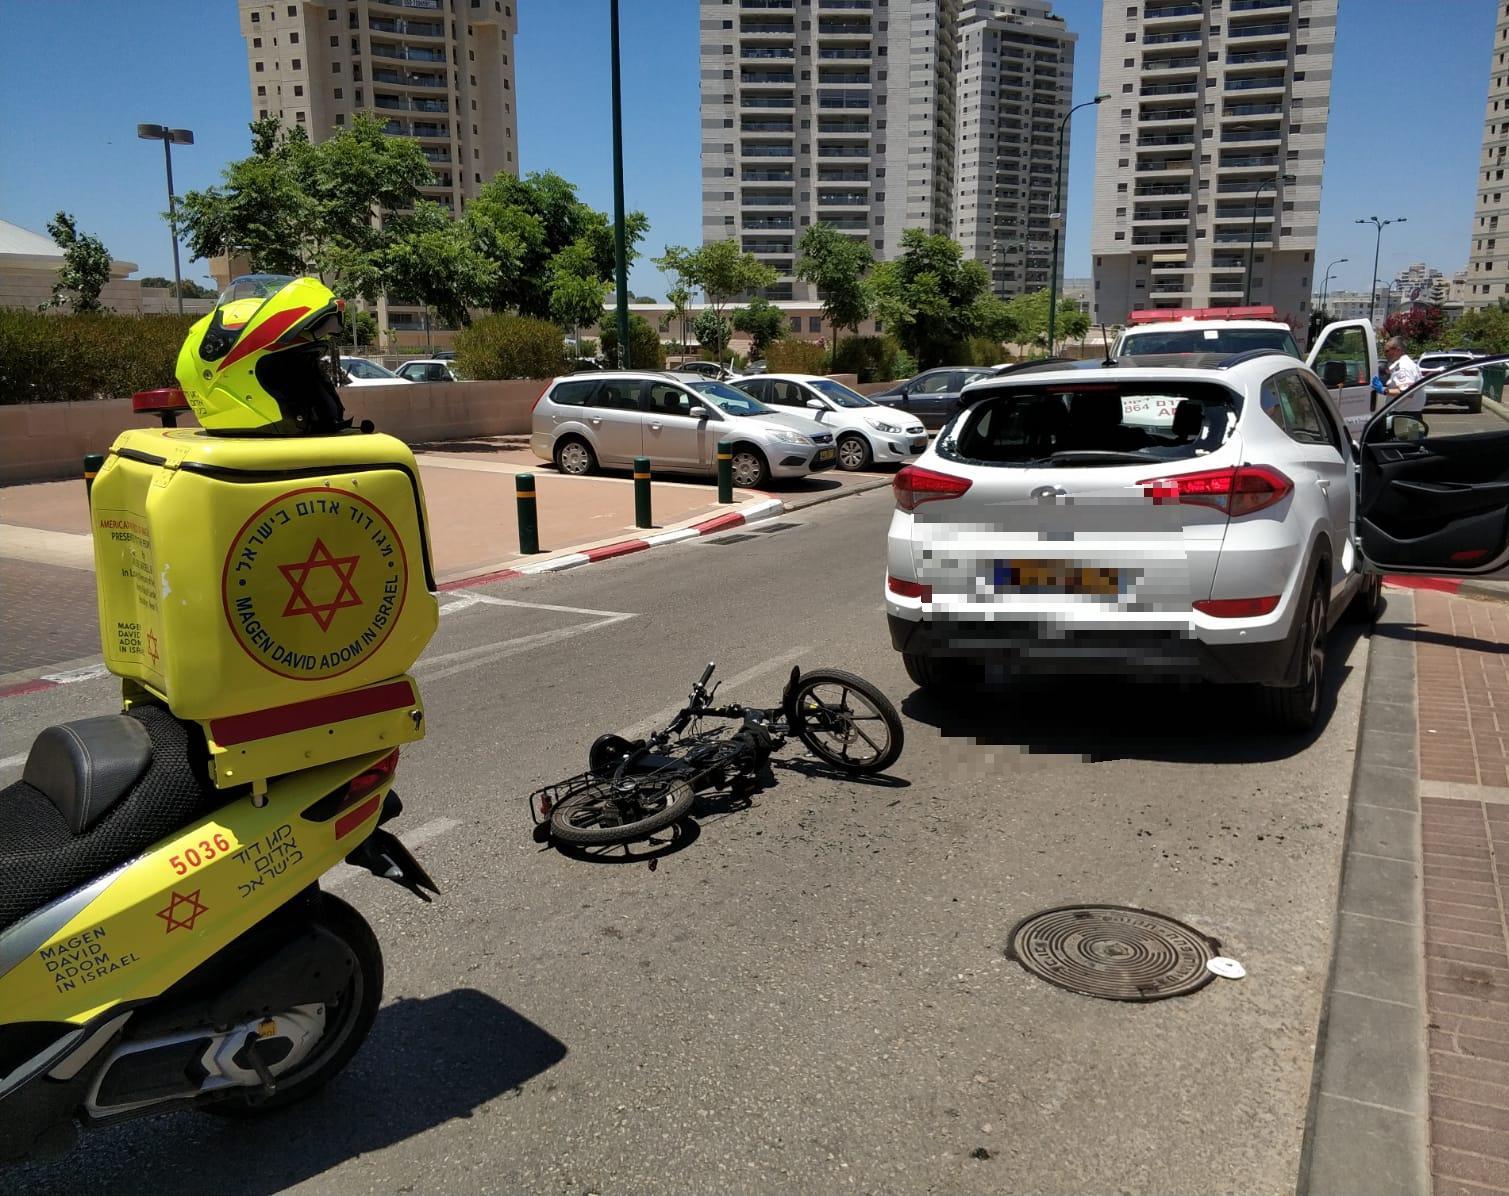 2 תאונות: בת 80 על כסא גלגלים ורוכב אופניים חשמליים נפצעו בינוני